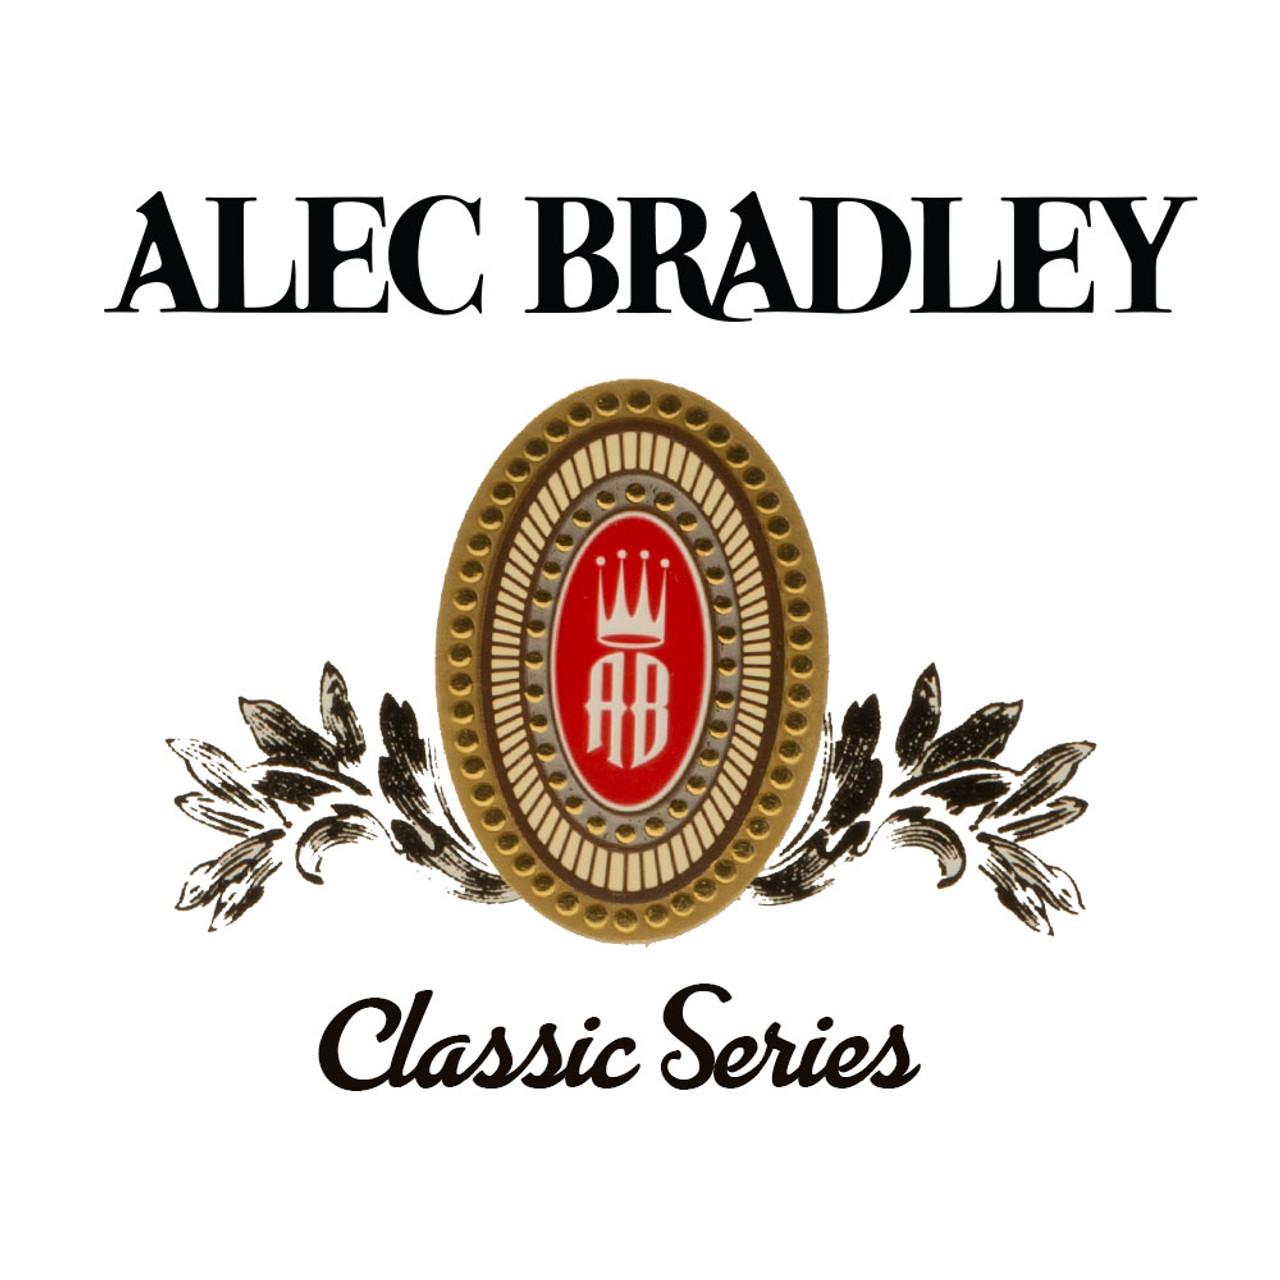 Alec Bradley Classic Series Nicaraguan Gordo Cigars - 6 x 60 (Box of 20)